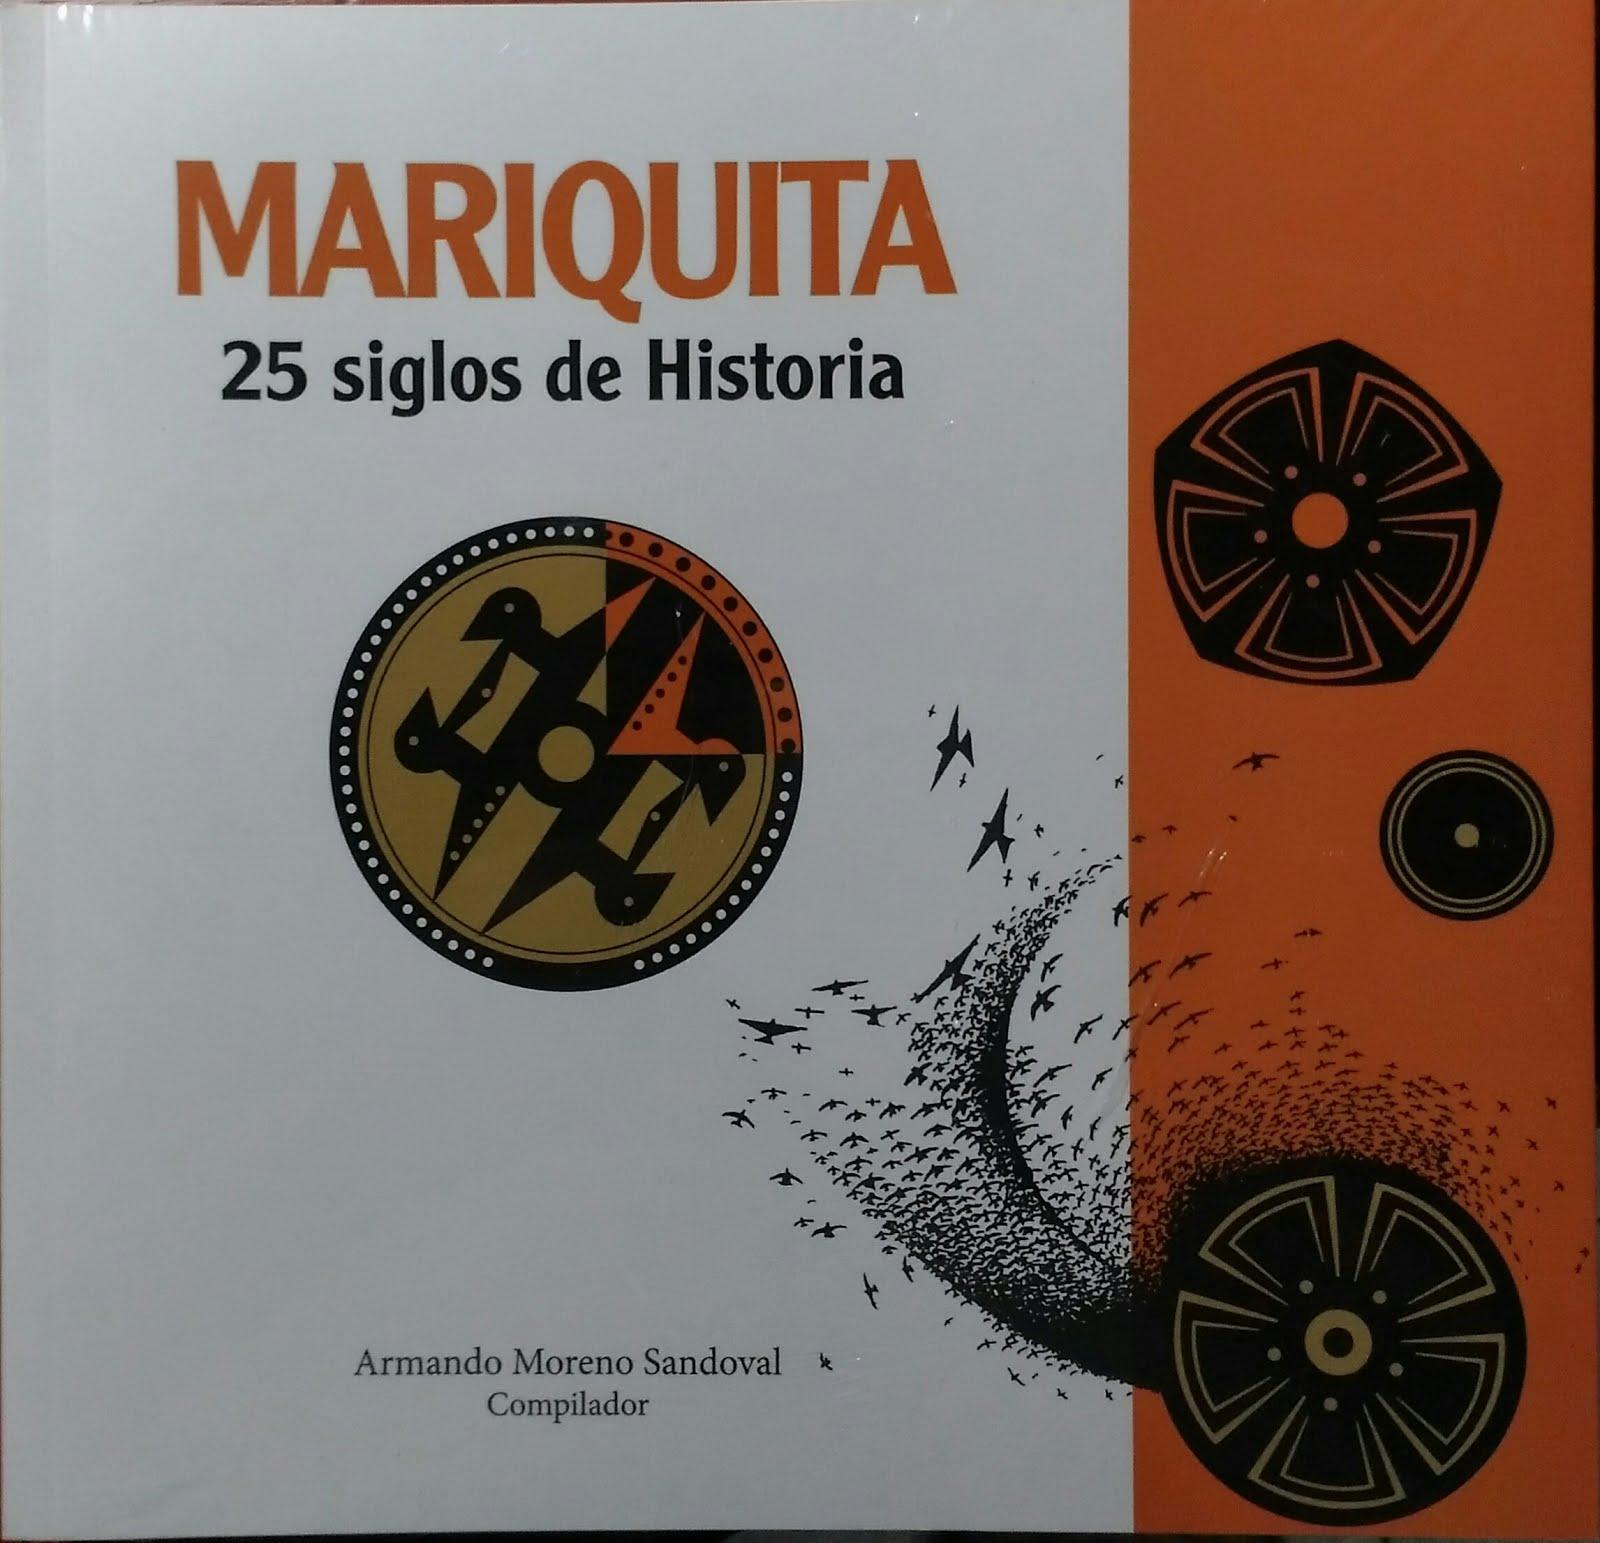 Mariquita: 25 siglos de Historia